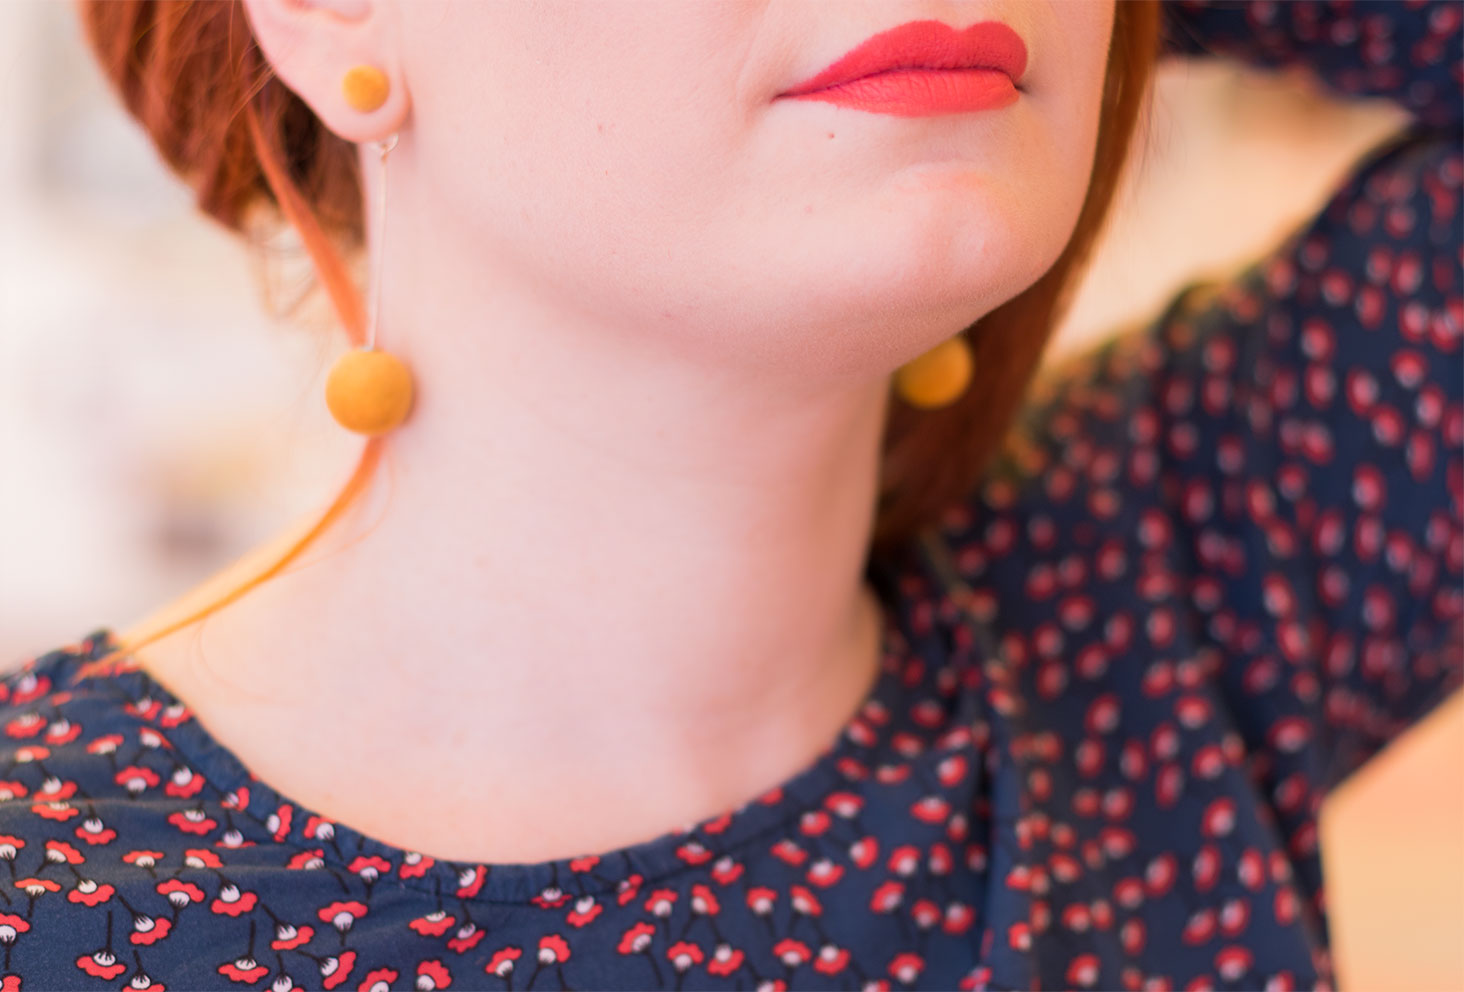 Zoom sur le rouge à lèvre orangé, cheveux remontés par la main et boucles d'oreille jaune moutarde